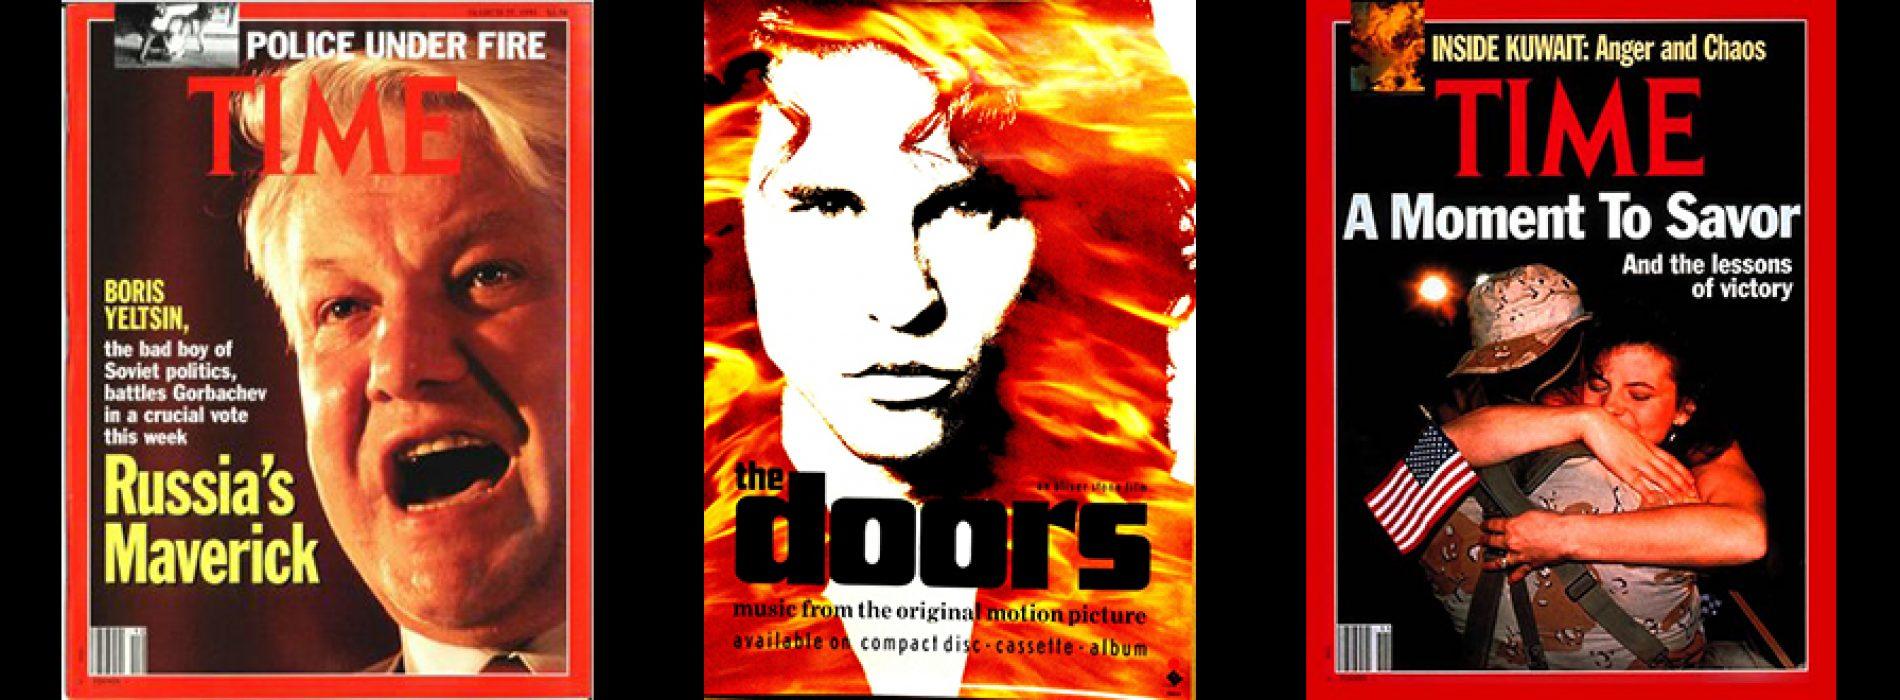 """Žurnalas """"Time"""" apie kino filmą """"The Doors"""""""